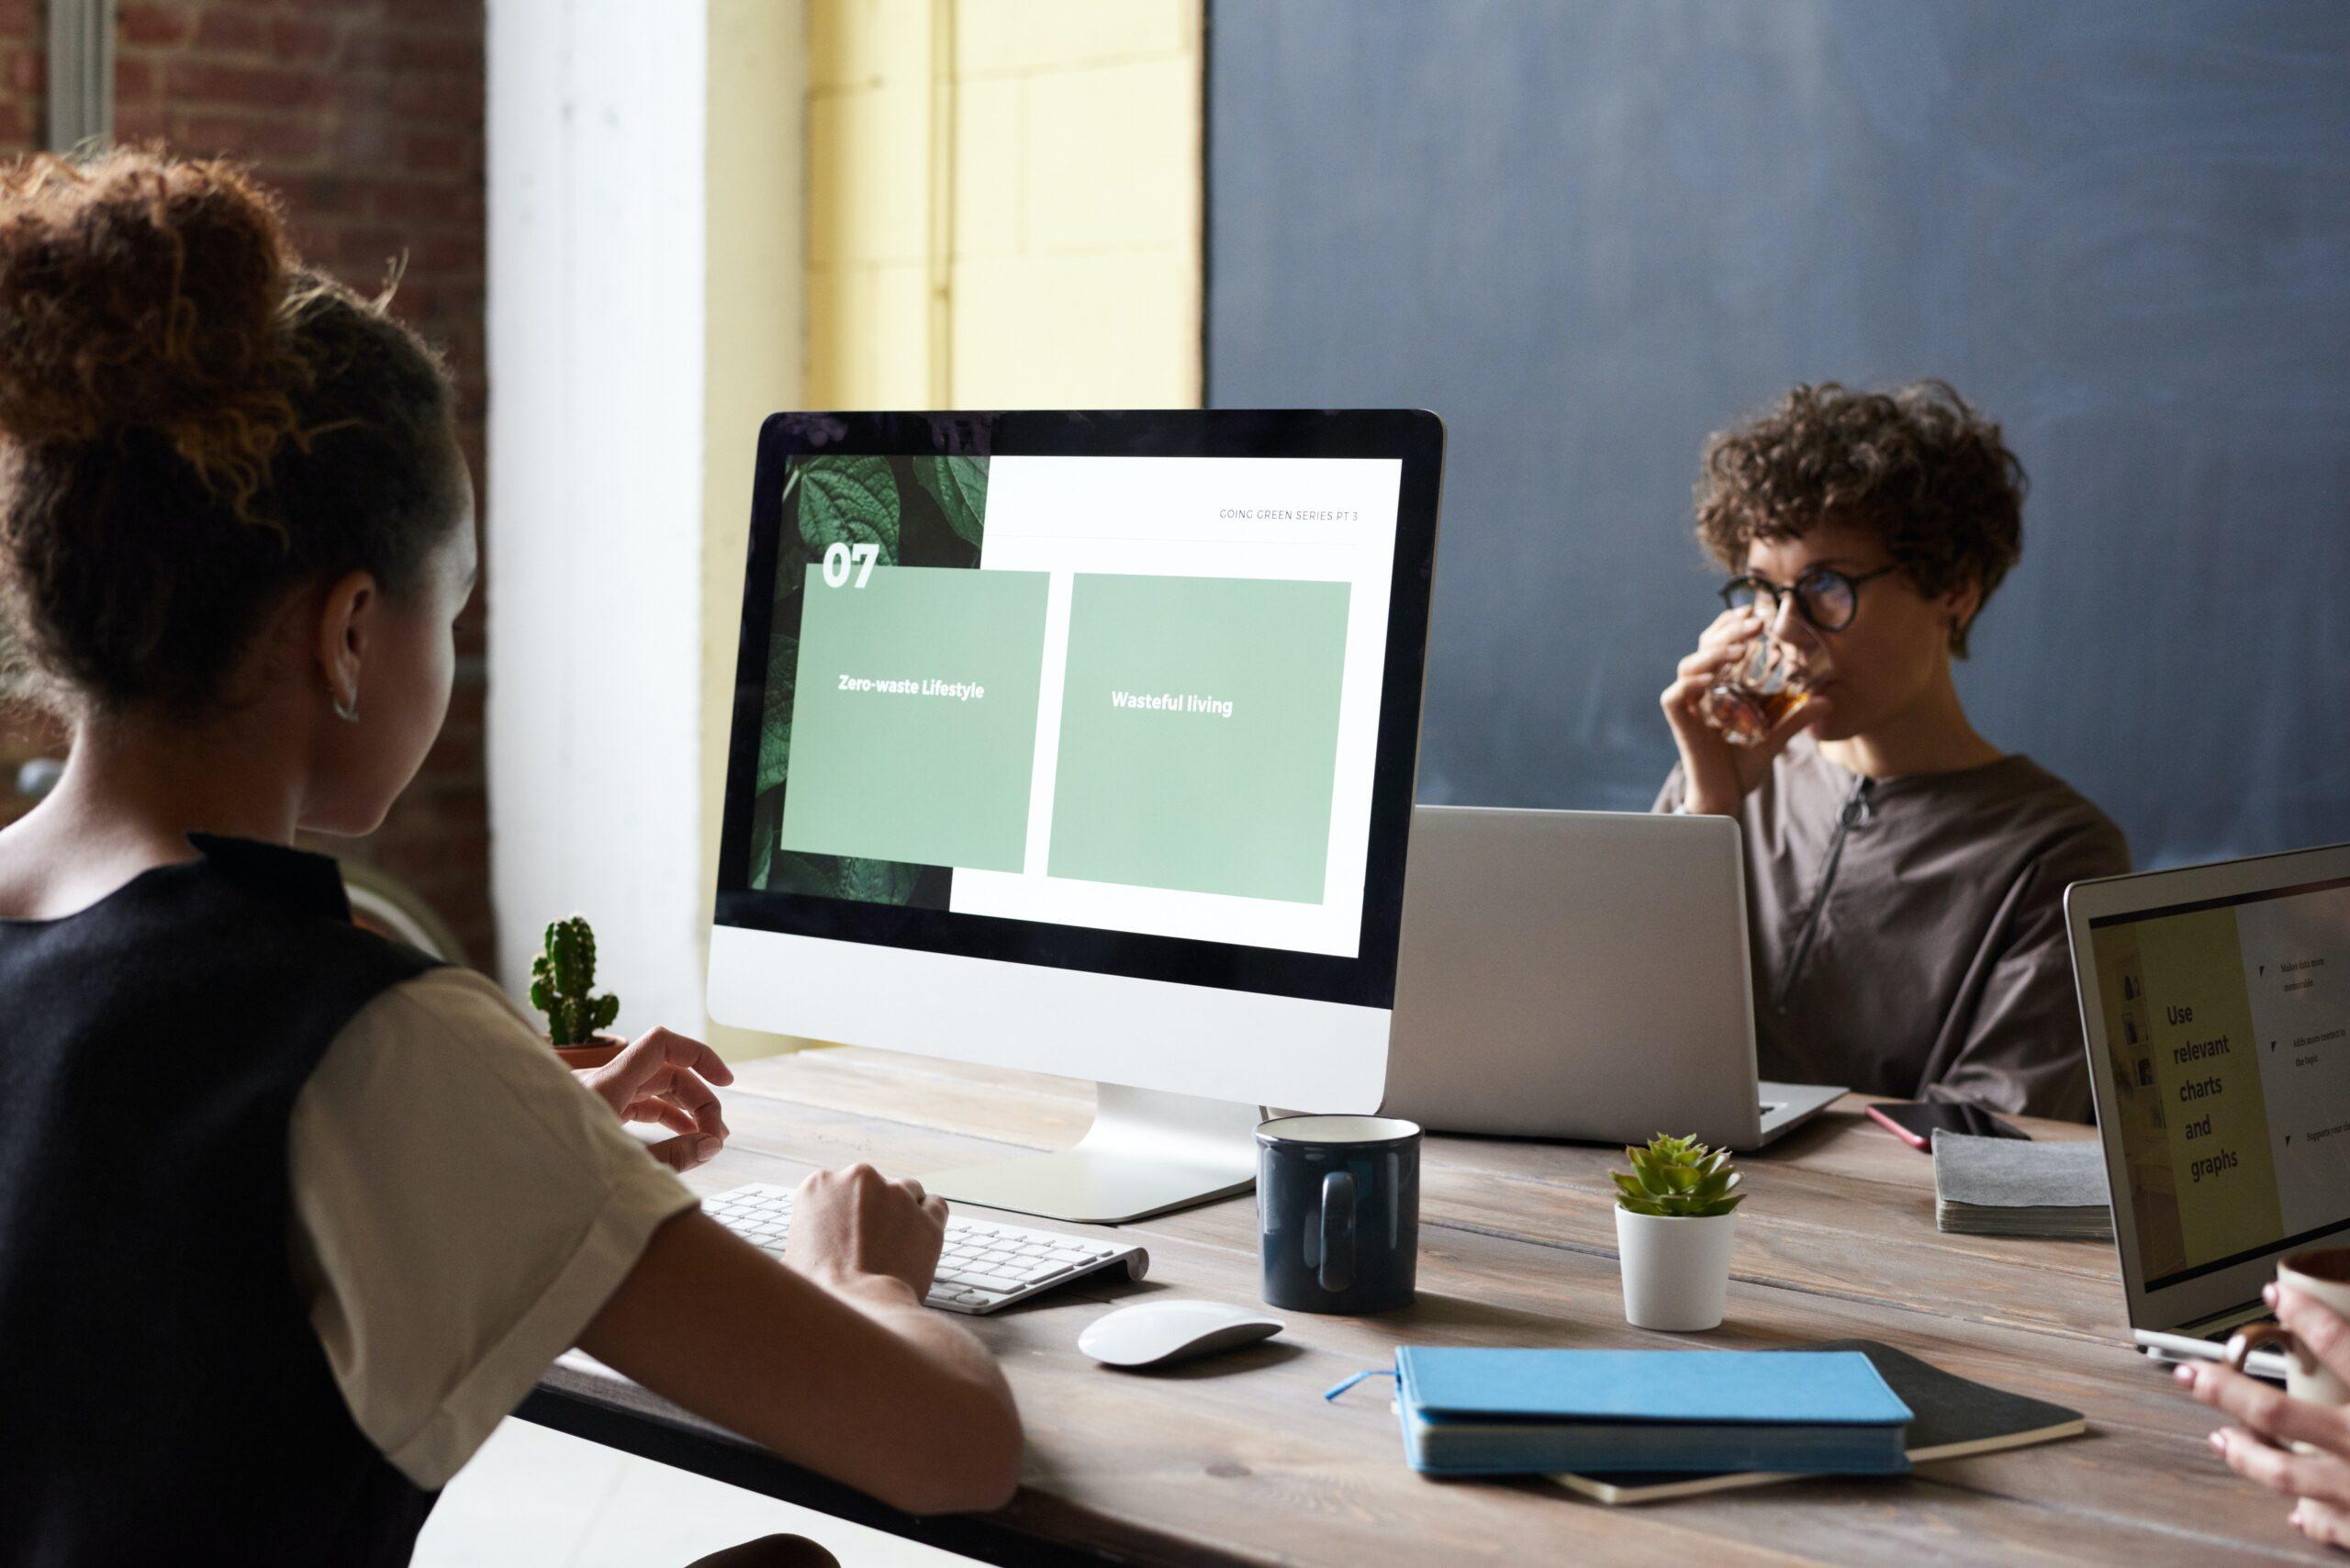 まとめ:小規模オフィスでも快適な空間にできる